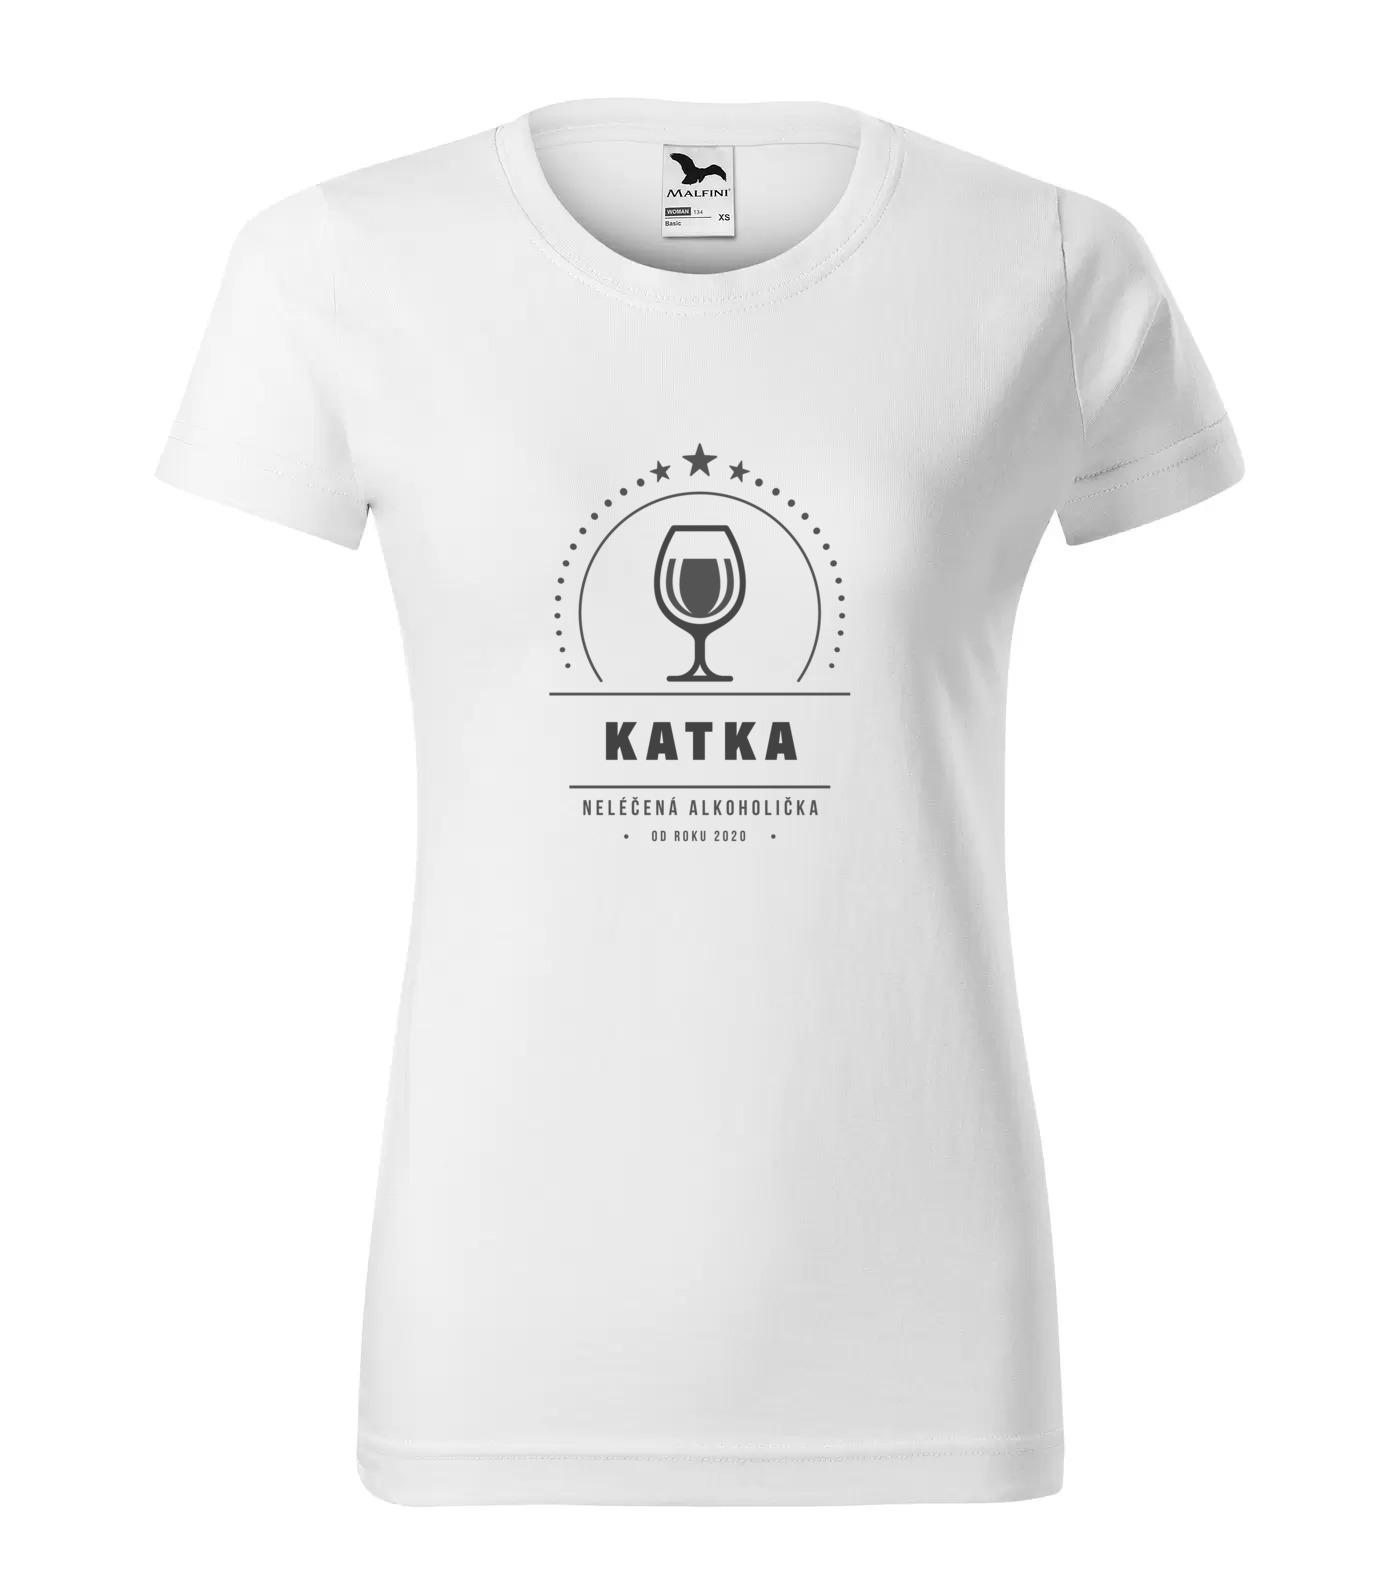 Tričko Alkoholička Katka